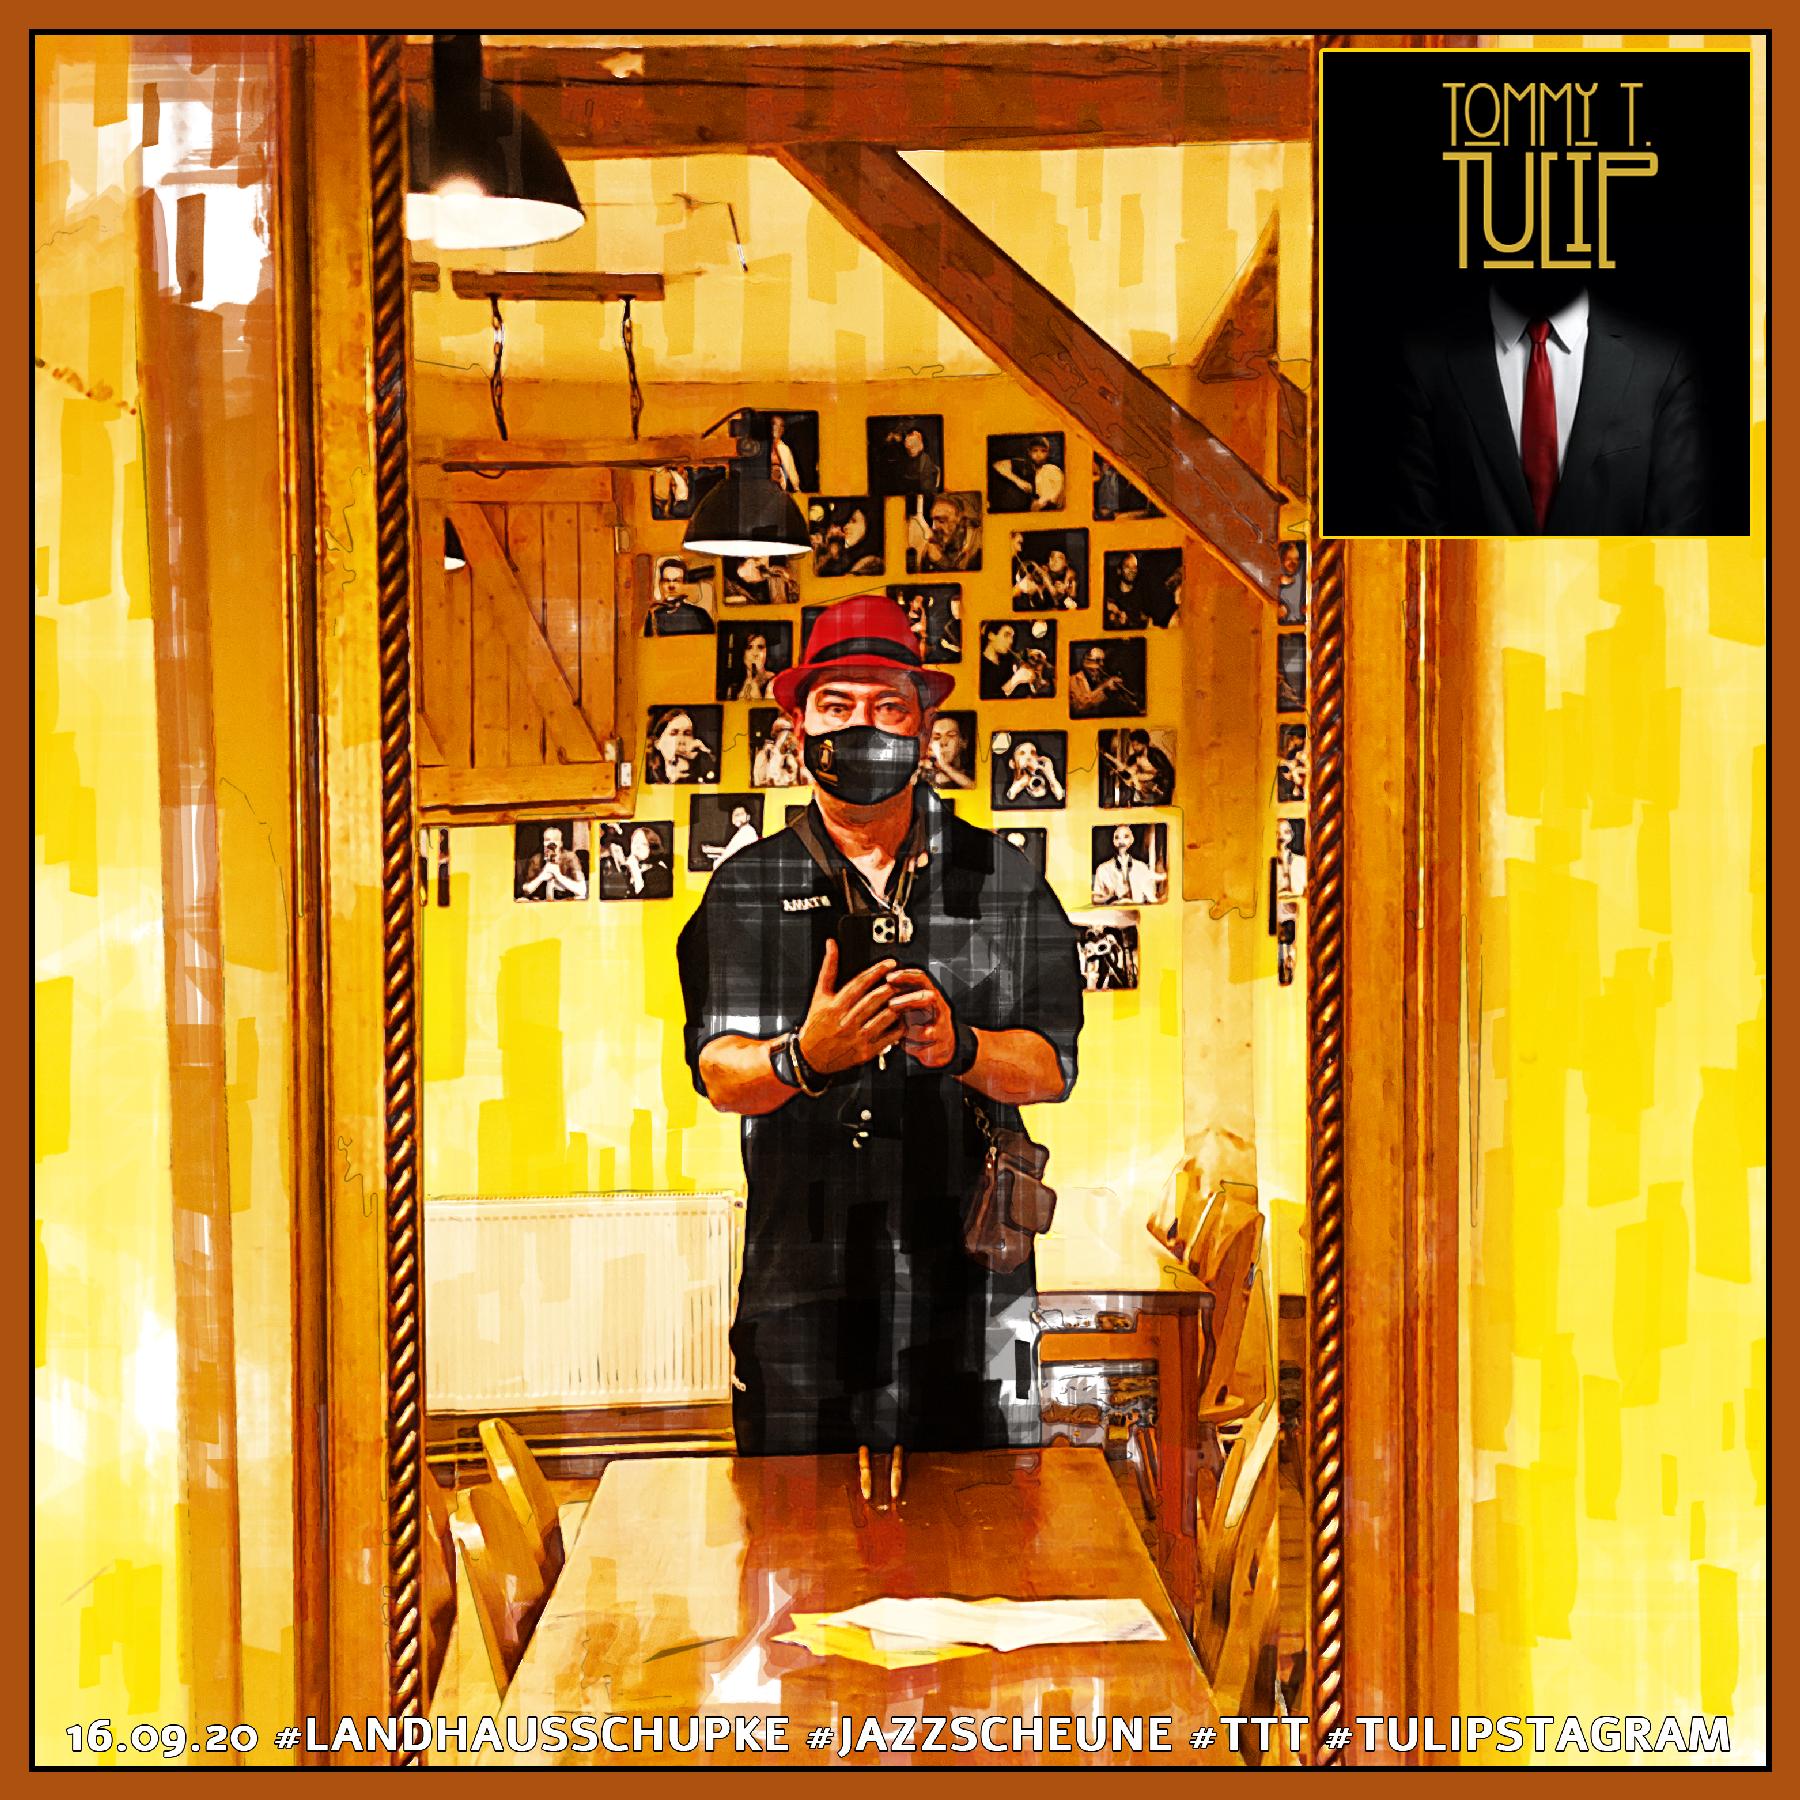 16.09.20 #LandhausSchupke #Jazzscheune #TTT #Tulipstagram